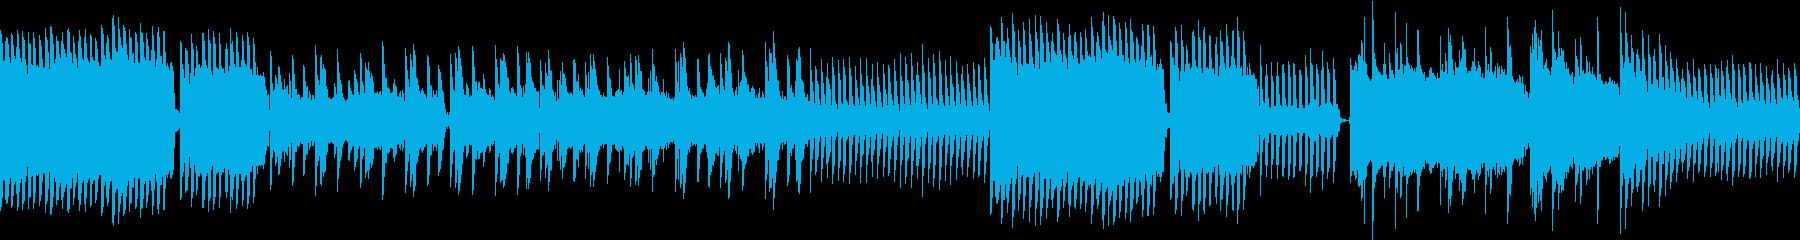 ホラーにぴったりの奇妙なサウンド の再生済みの波形